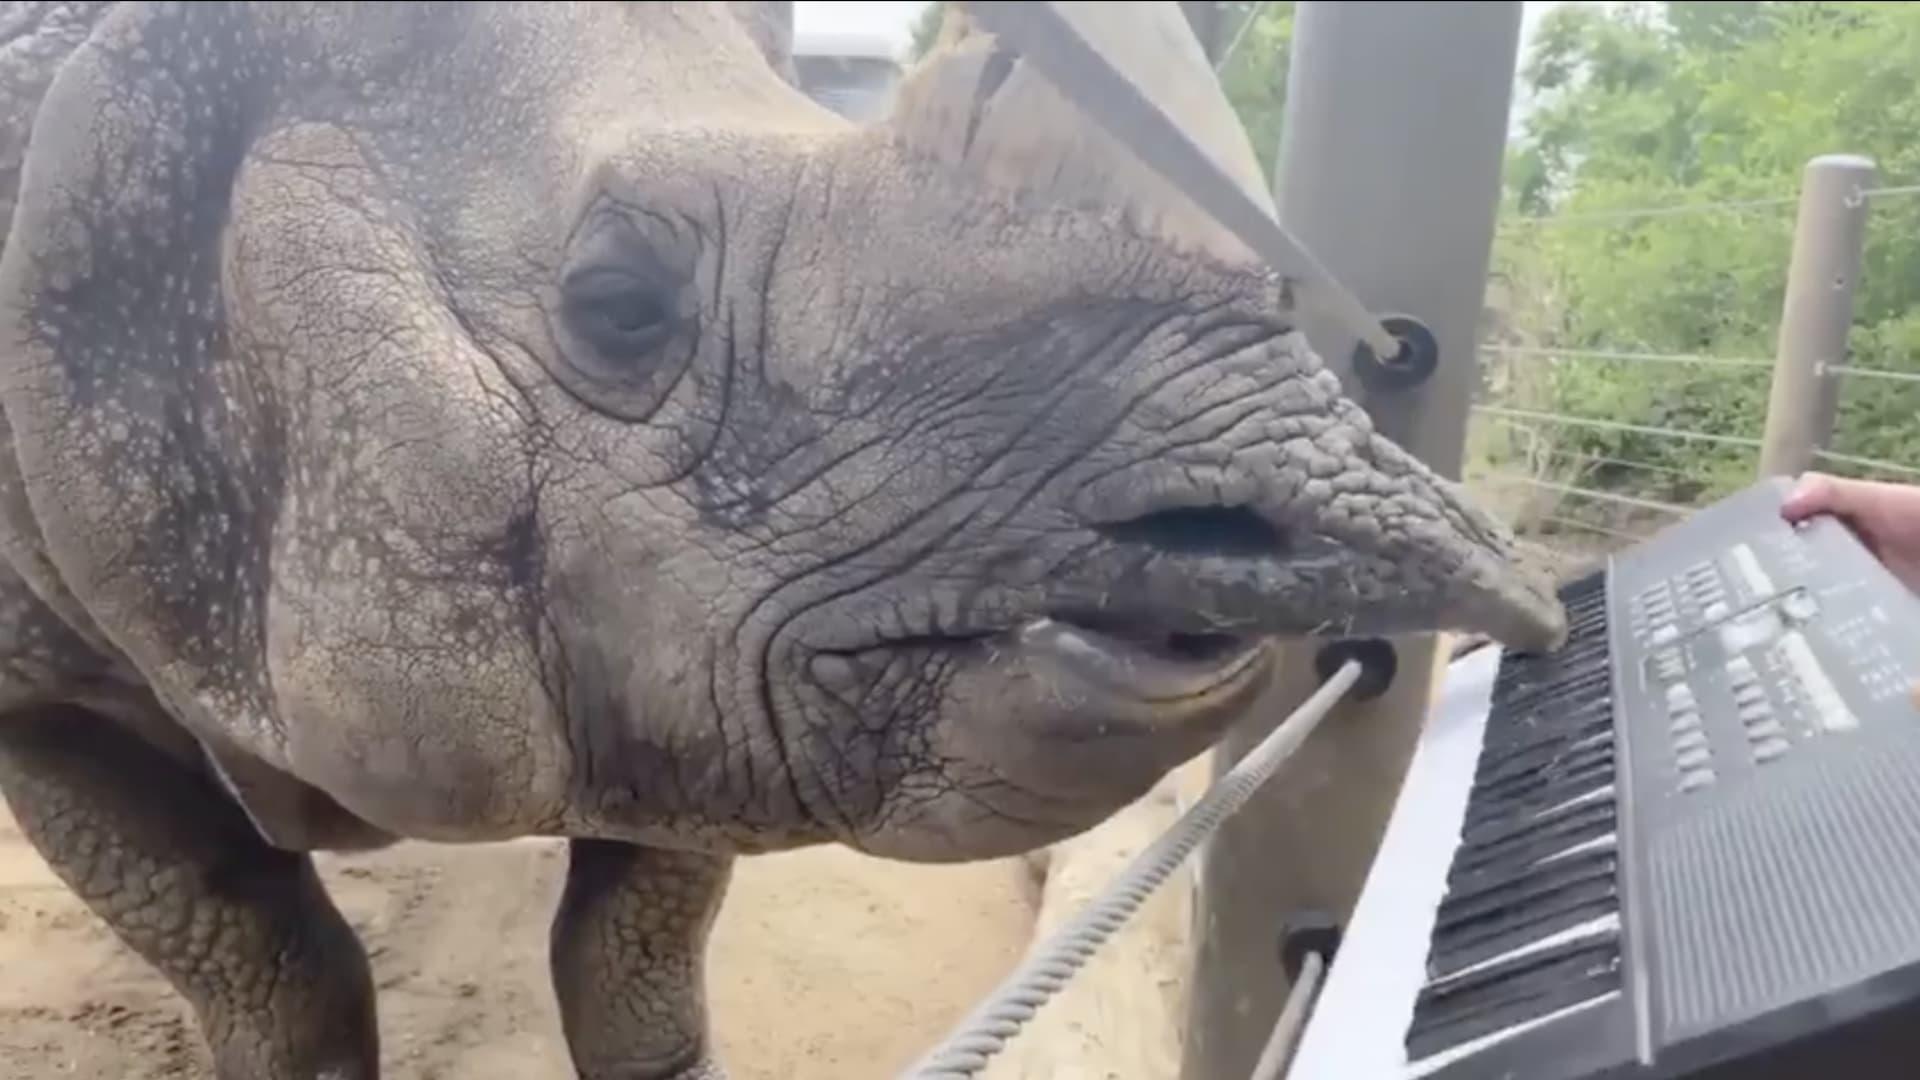 شاهد وحيد القرن بعزف البيانو بشفته العليا احتفالاً بعيد ميلاده